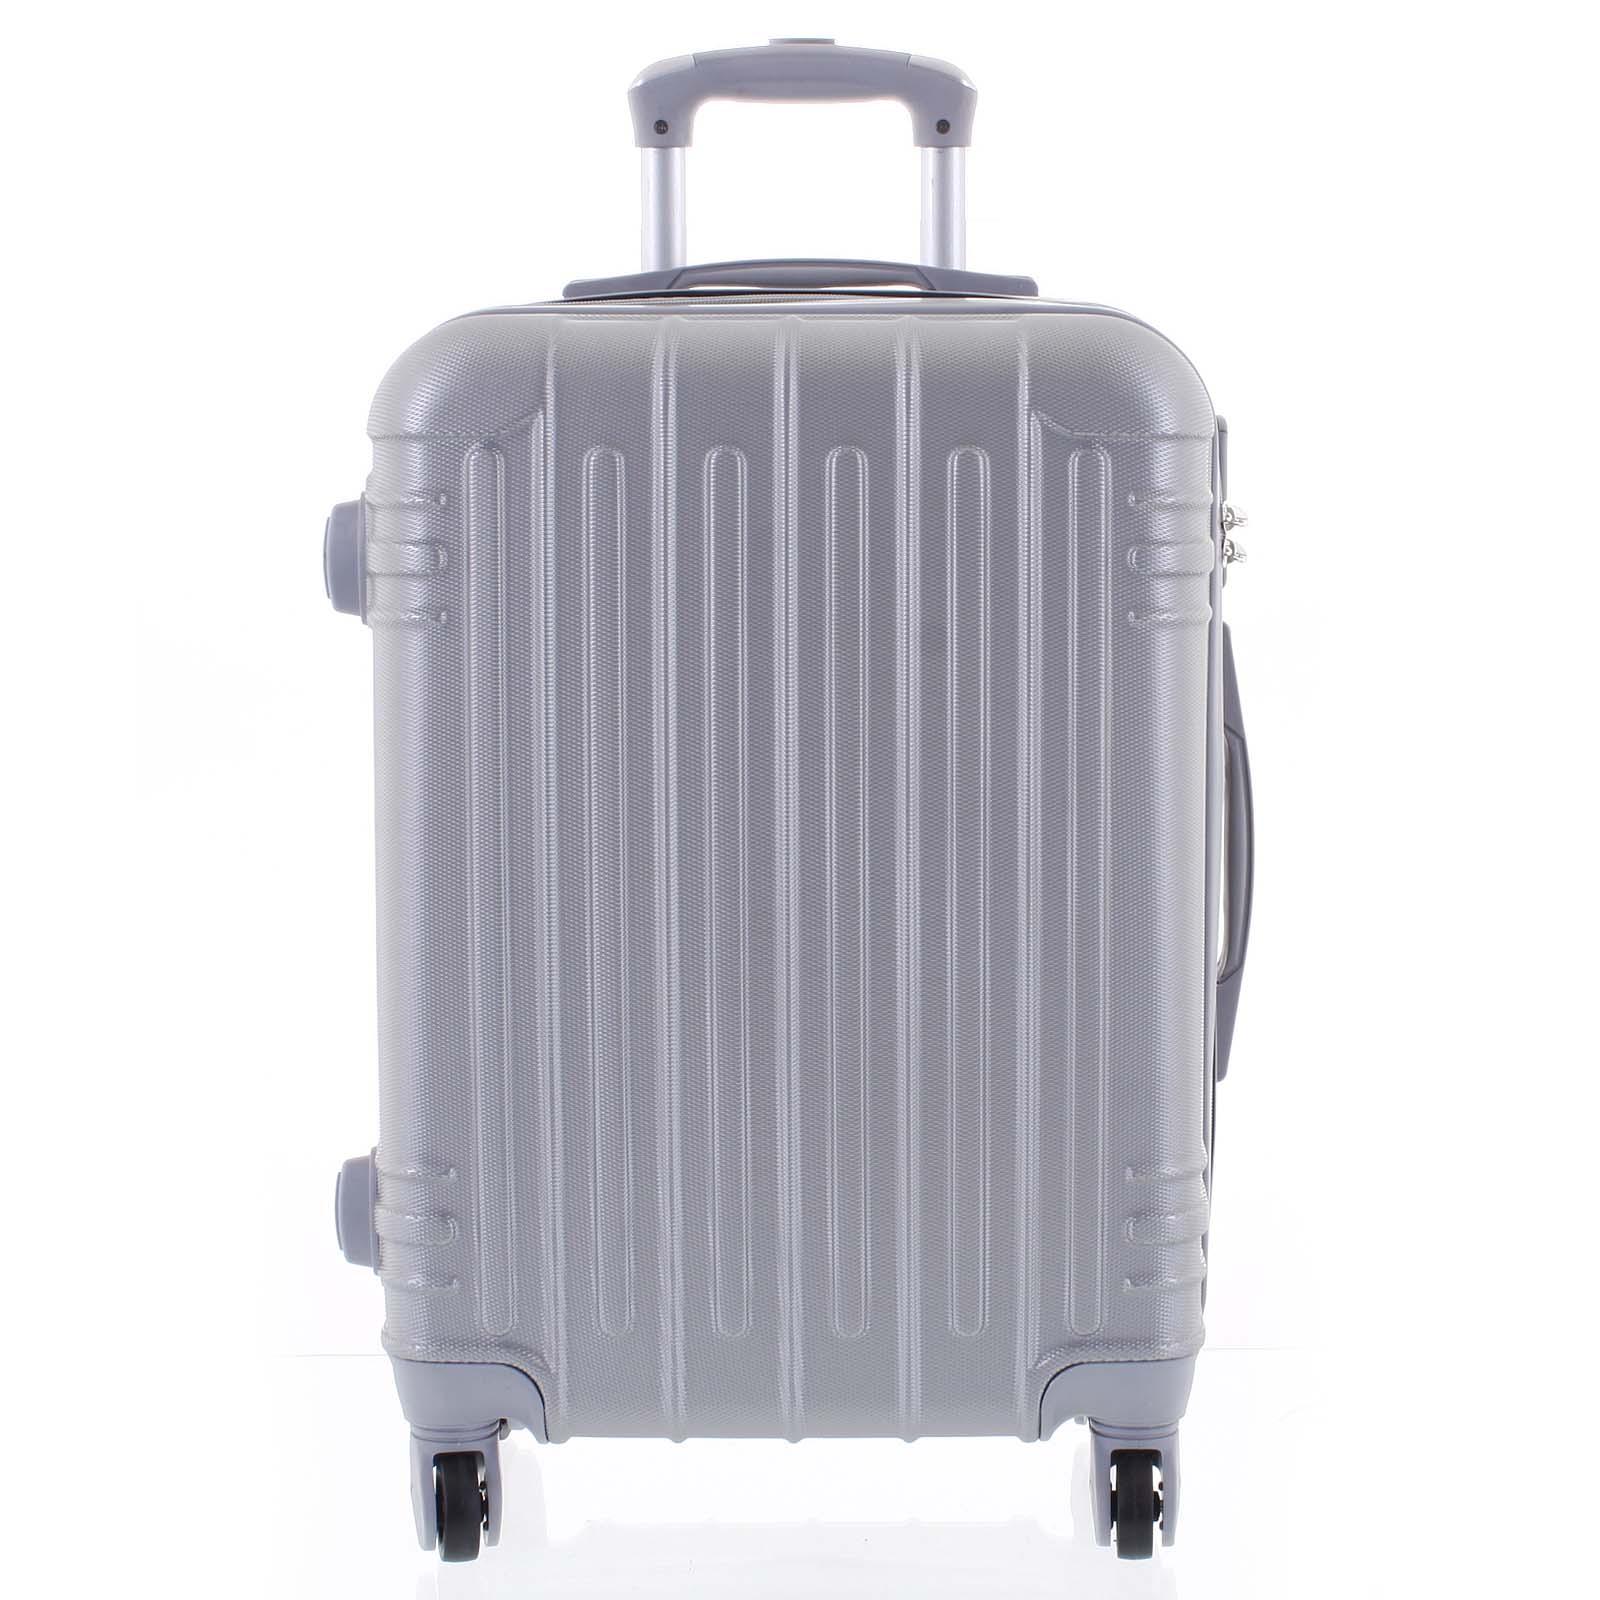 Moderní stříbrný skořepinový cestovní kufr - Ormi Dopp L